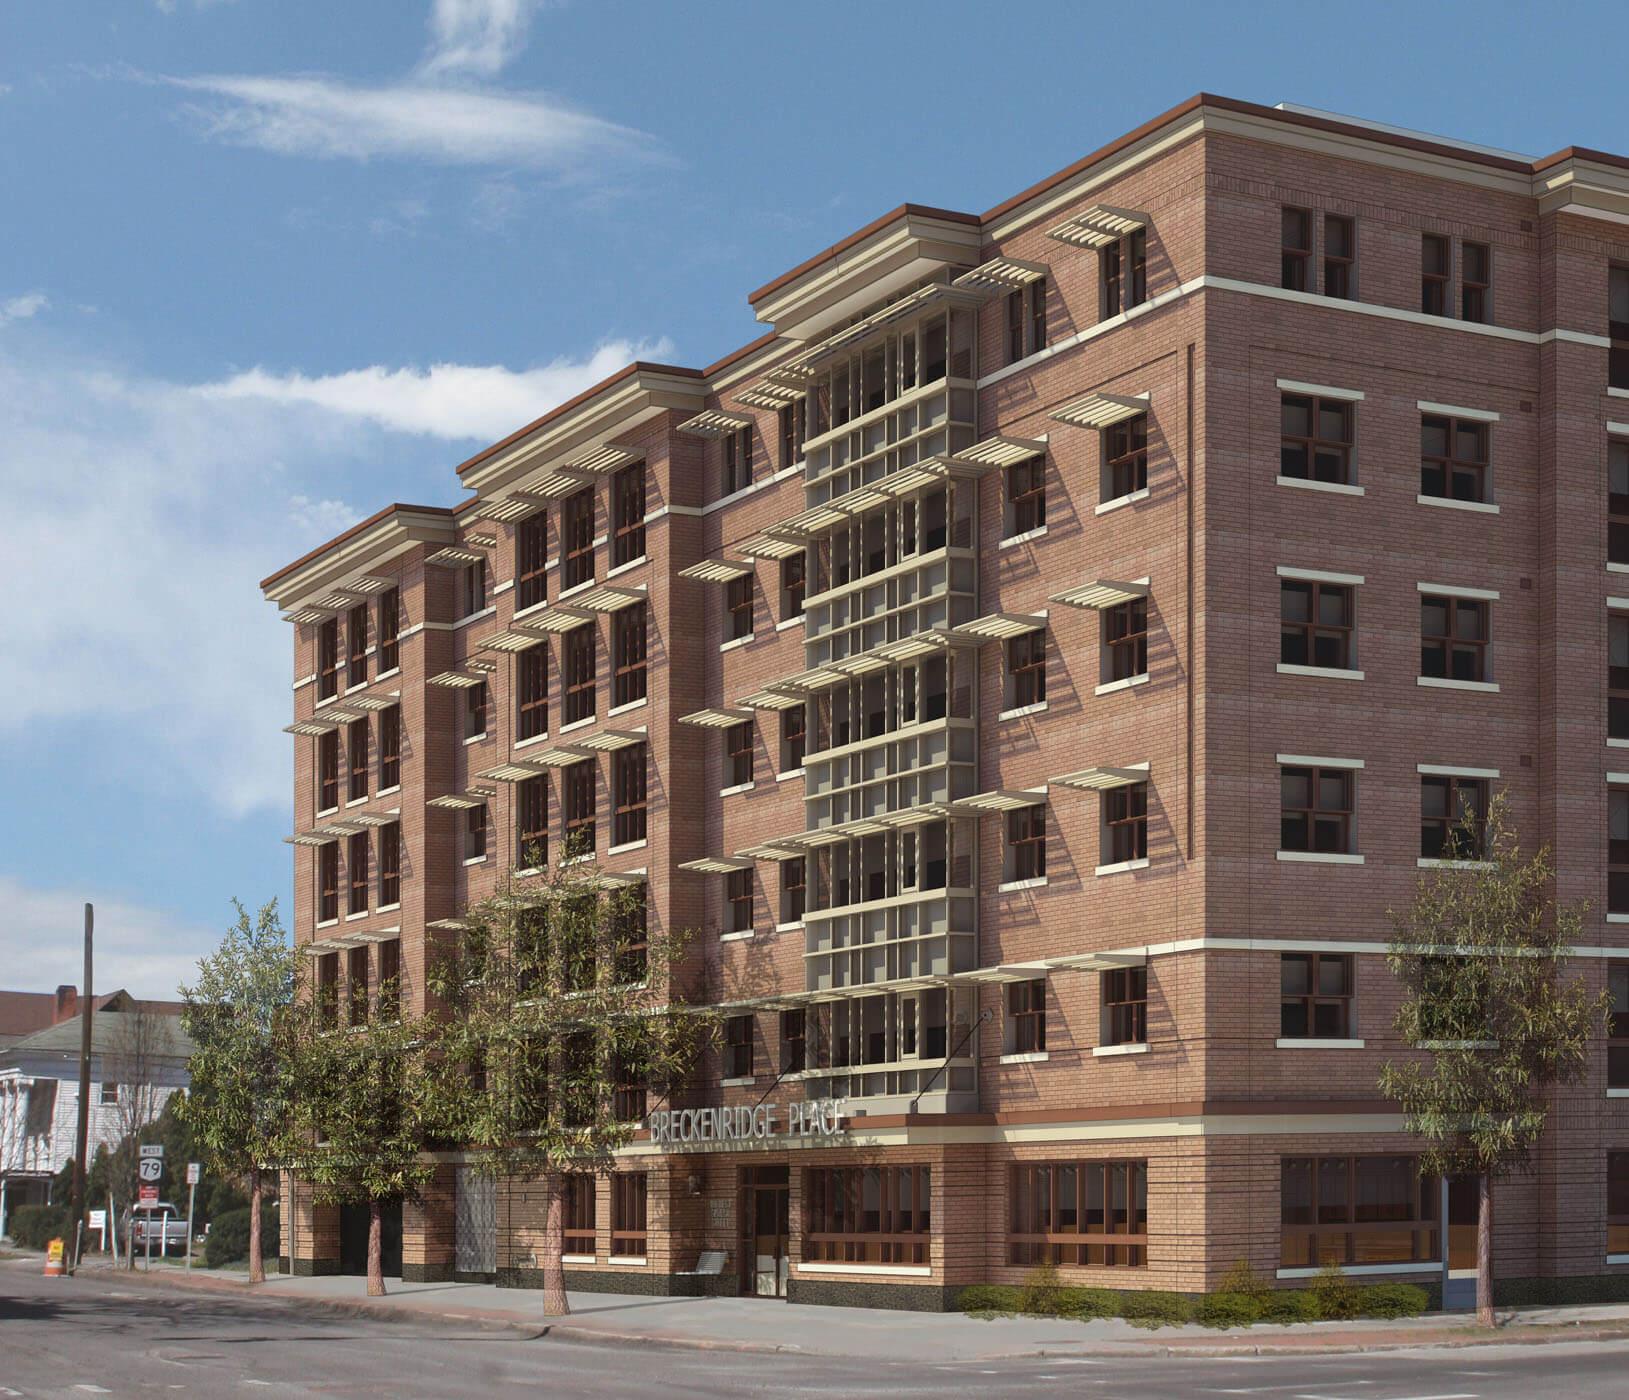 Ithaca Neighborhood Housing